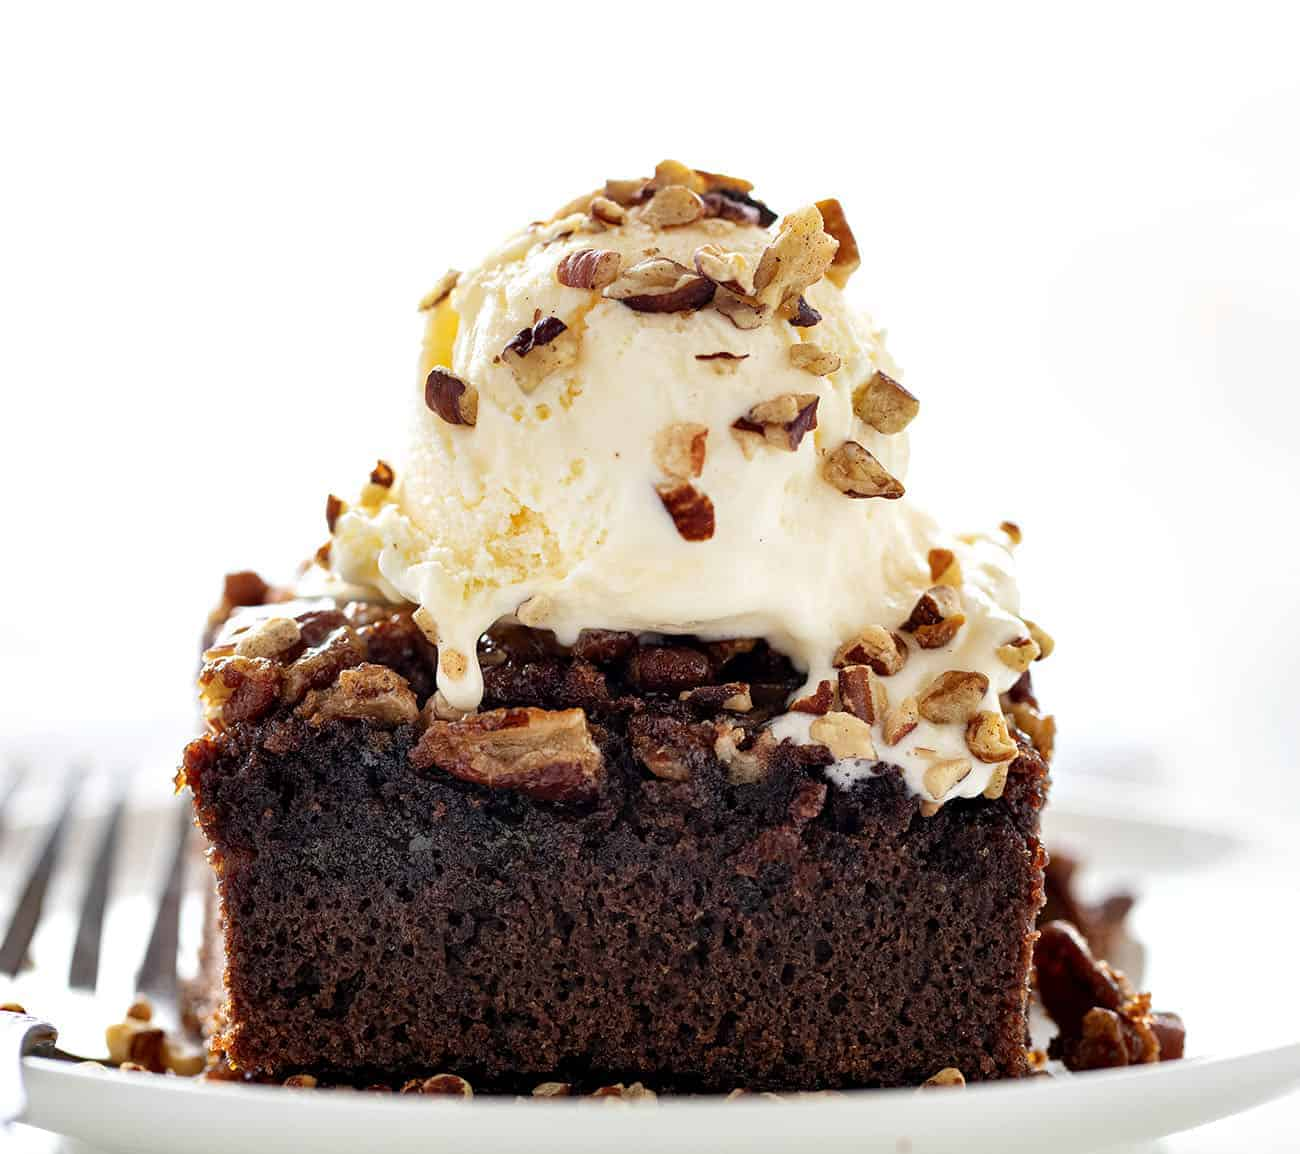 PIece of Ooey Gooey Pecan Brownies with Ice Cream on Top